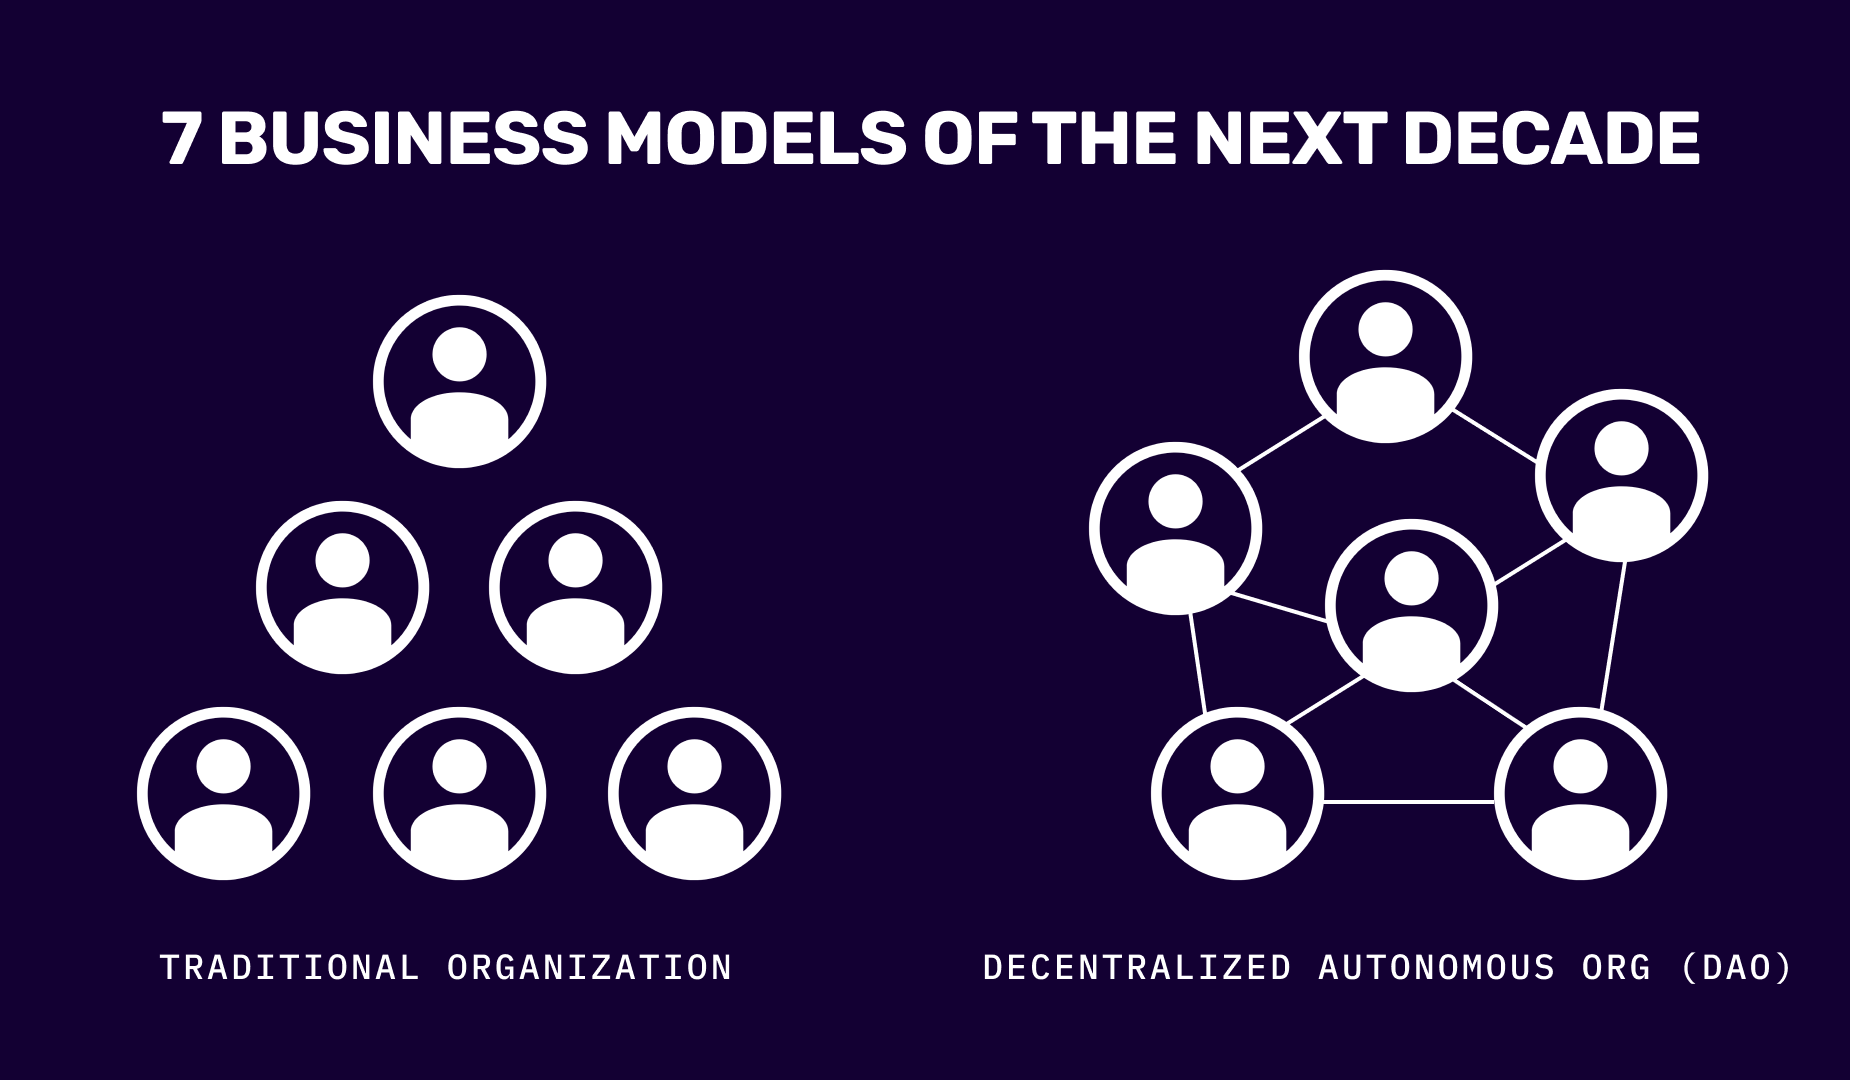 Traditional business model versus decentralized autonomous organization